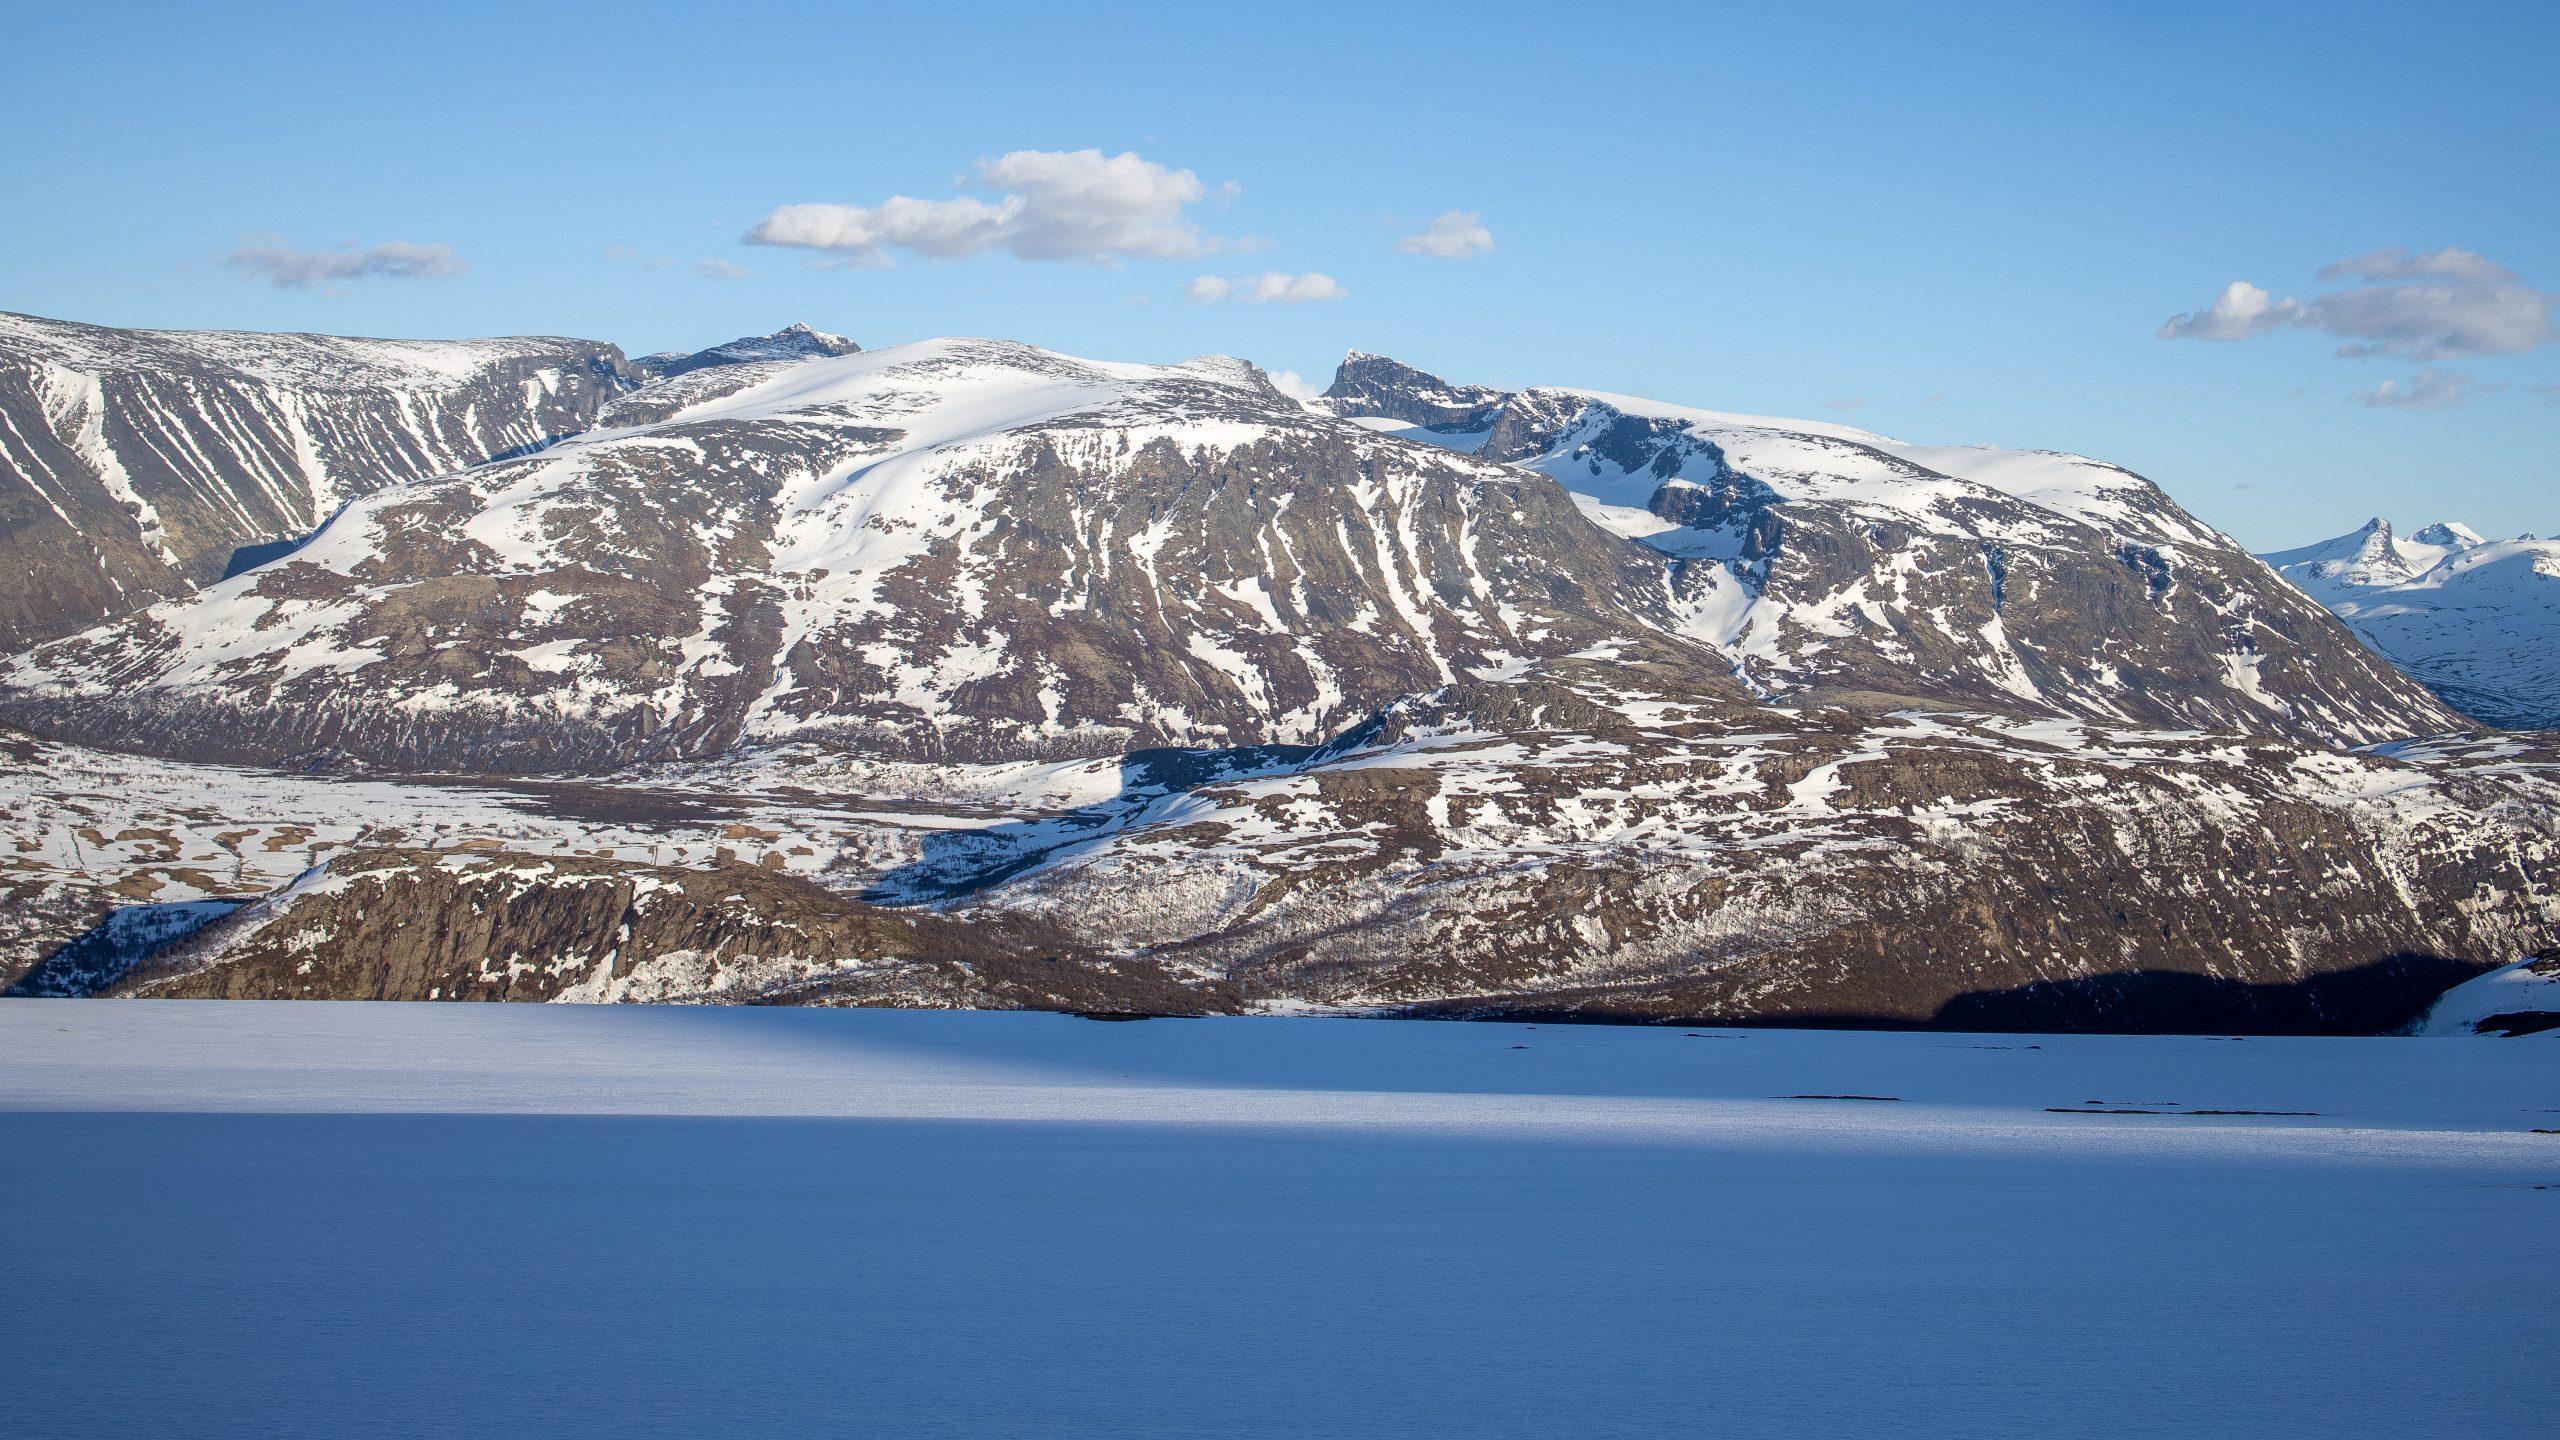 Galdhøpiggmassivet med Galdhøpiggen, Veslepiggen, Bakraste Storgrovhøe, Skardstind og Dumhøe sett fra Hestbreapiggmassivet.